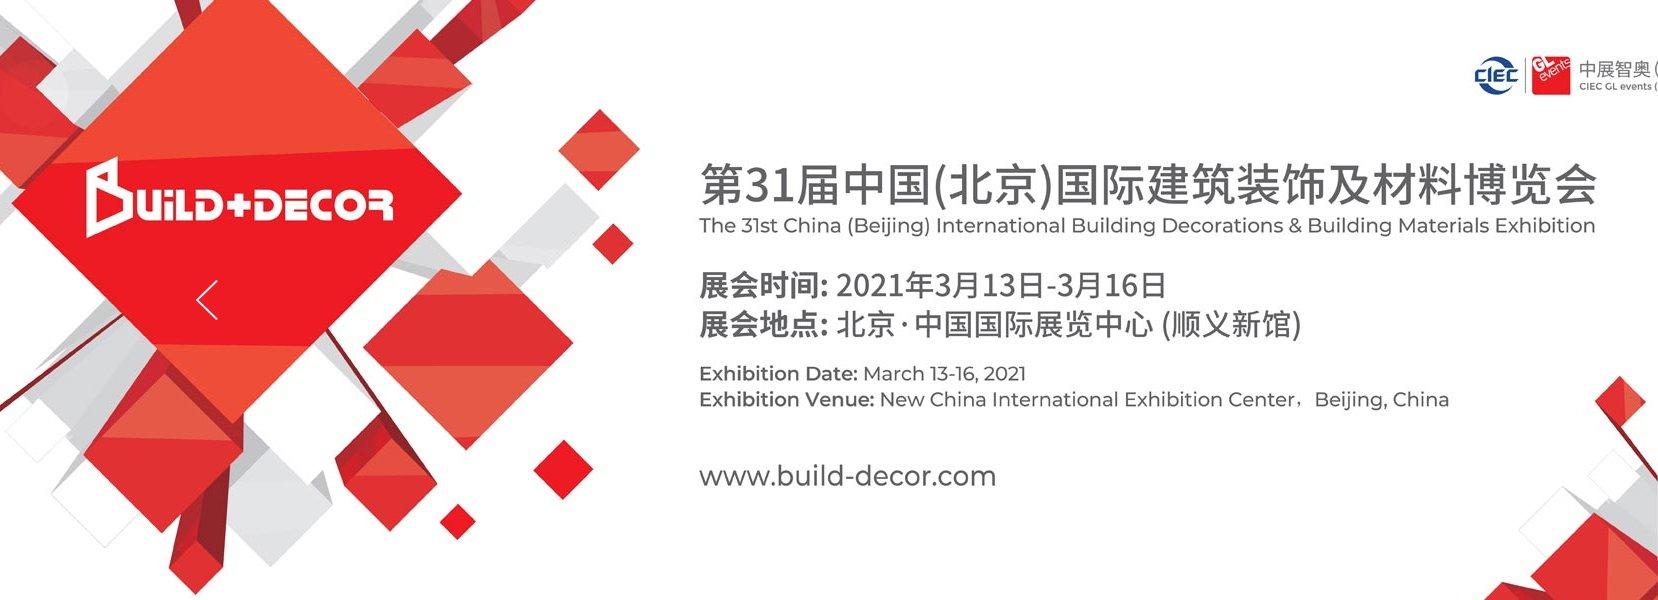 第31届中国(北京)国际建筑装饰及材料博览会